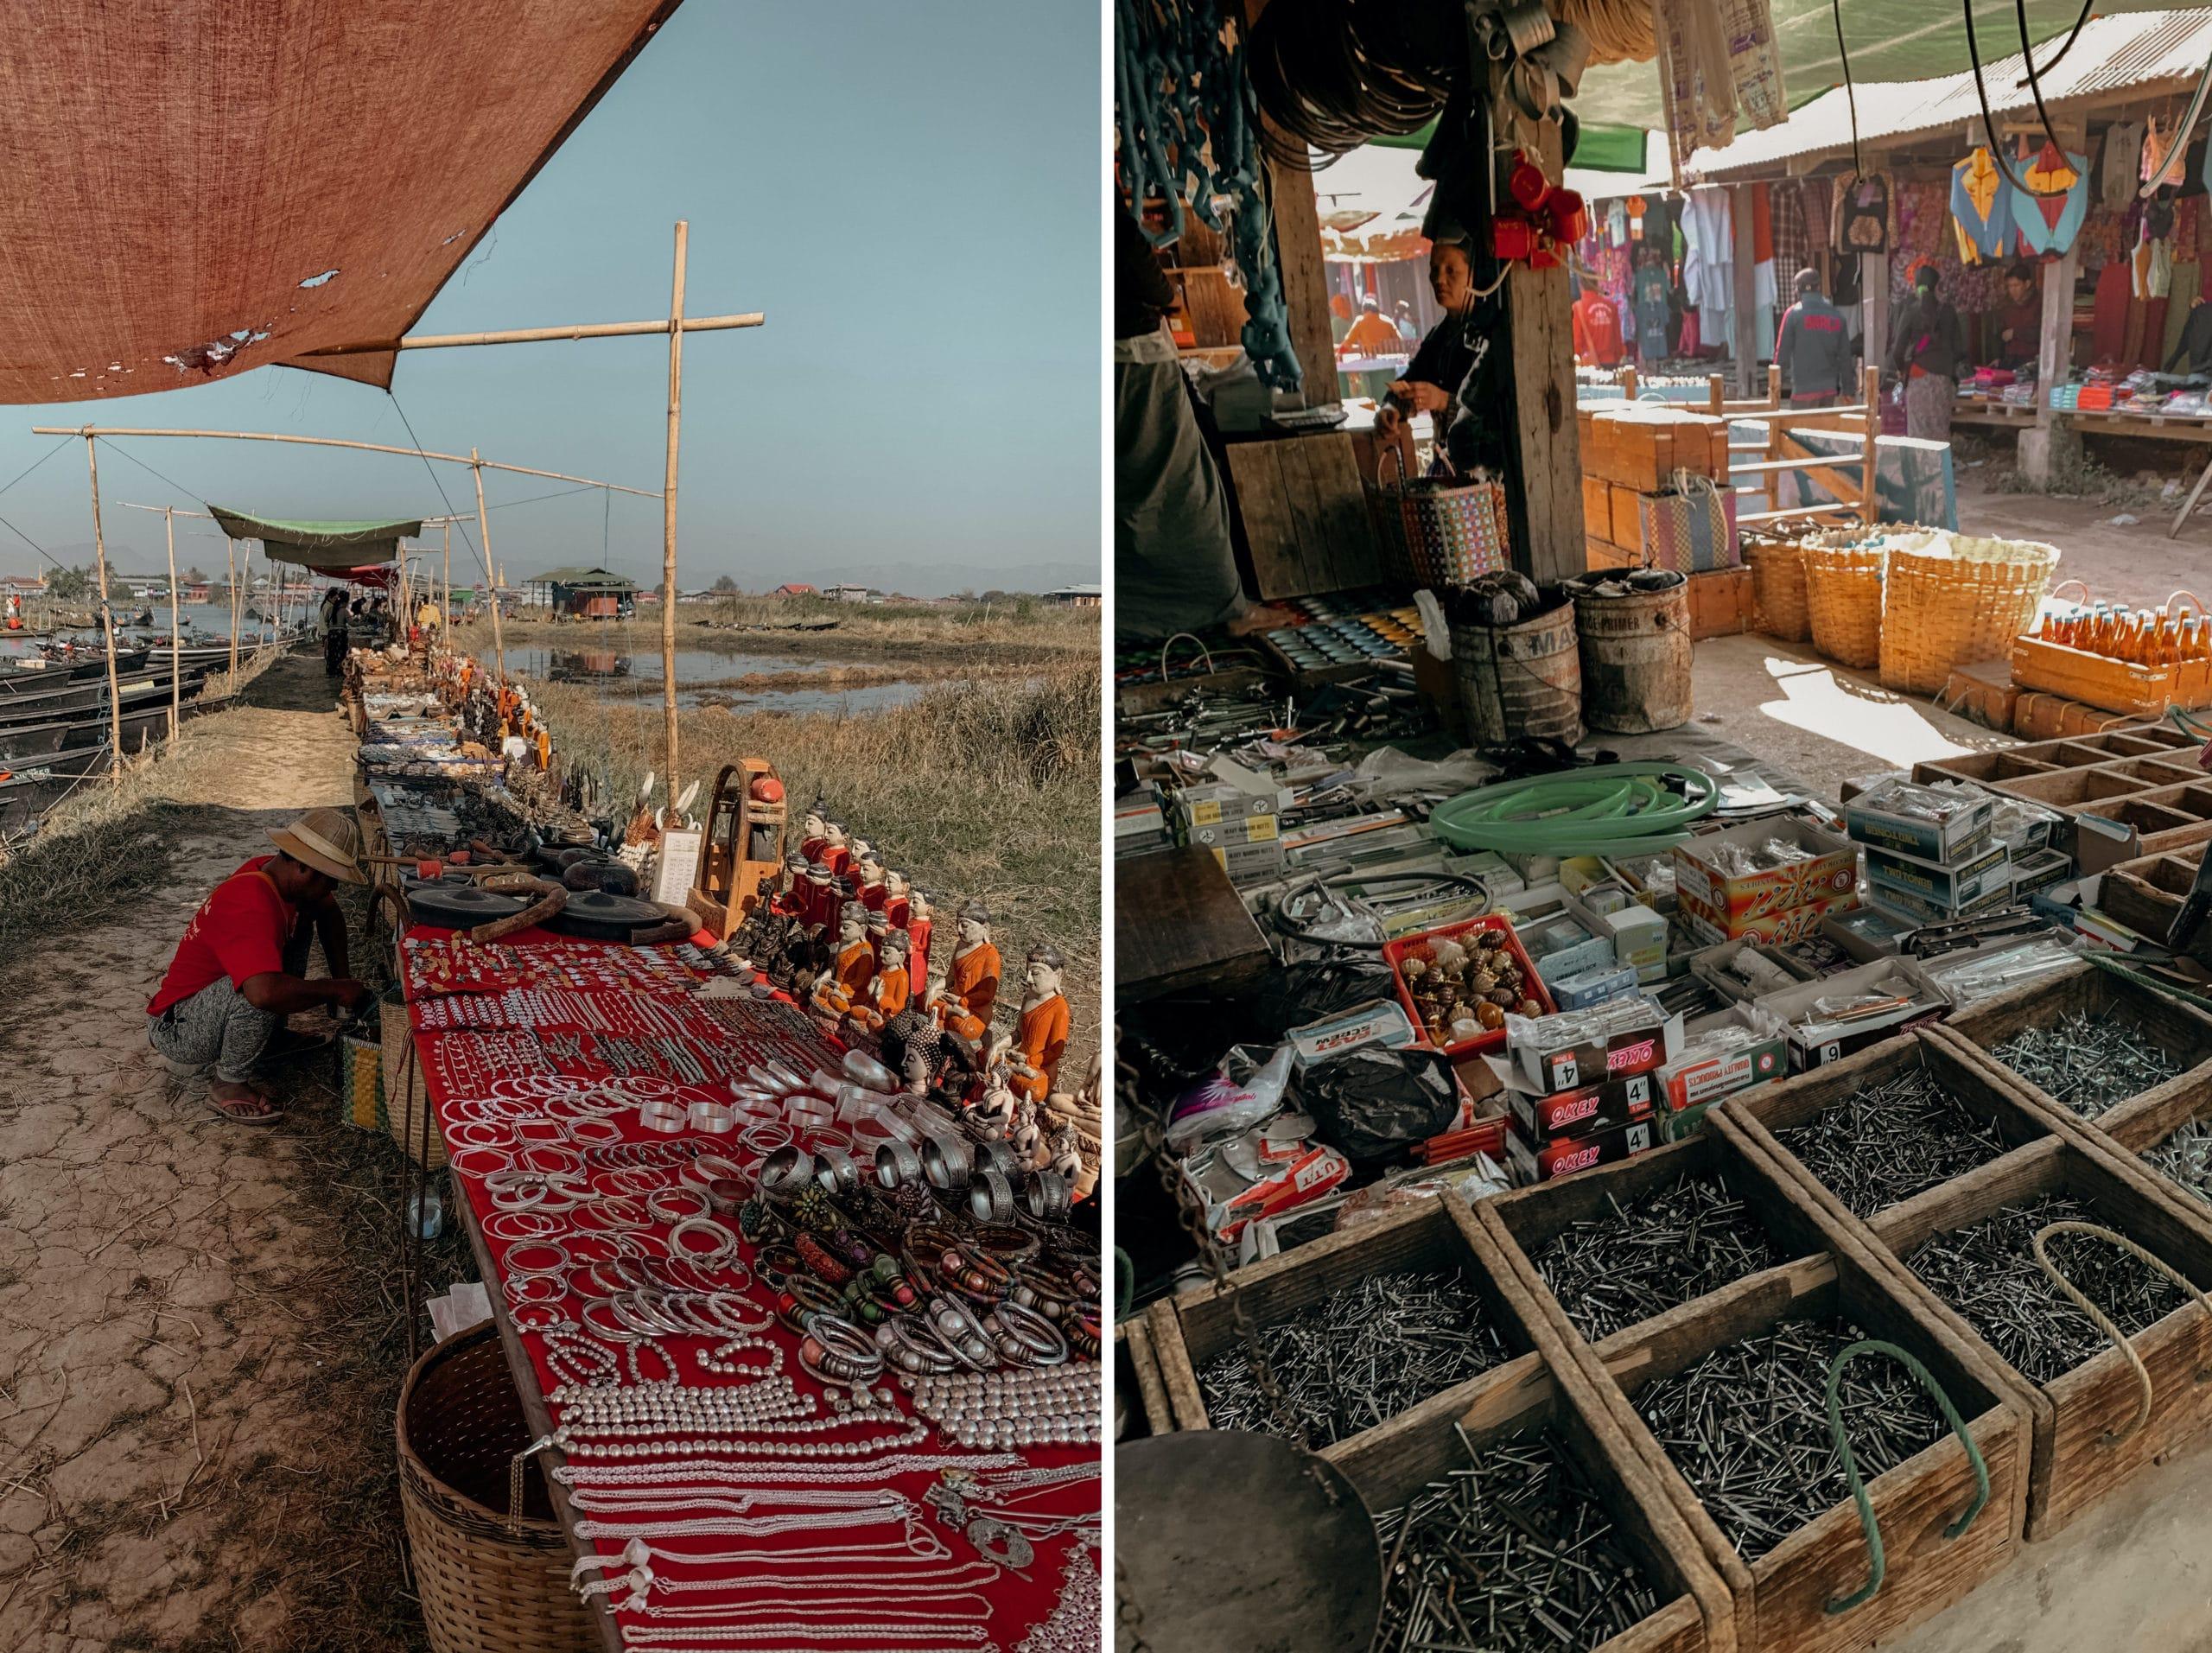 inle lake markt souvenirs